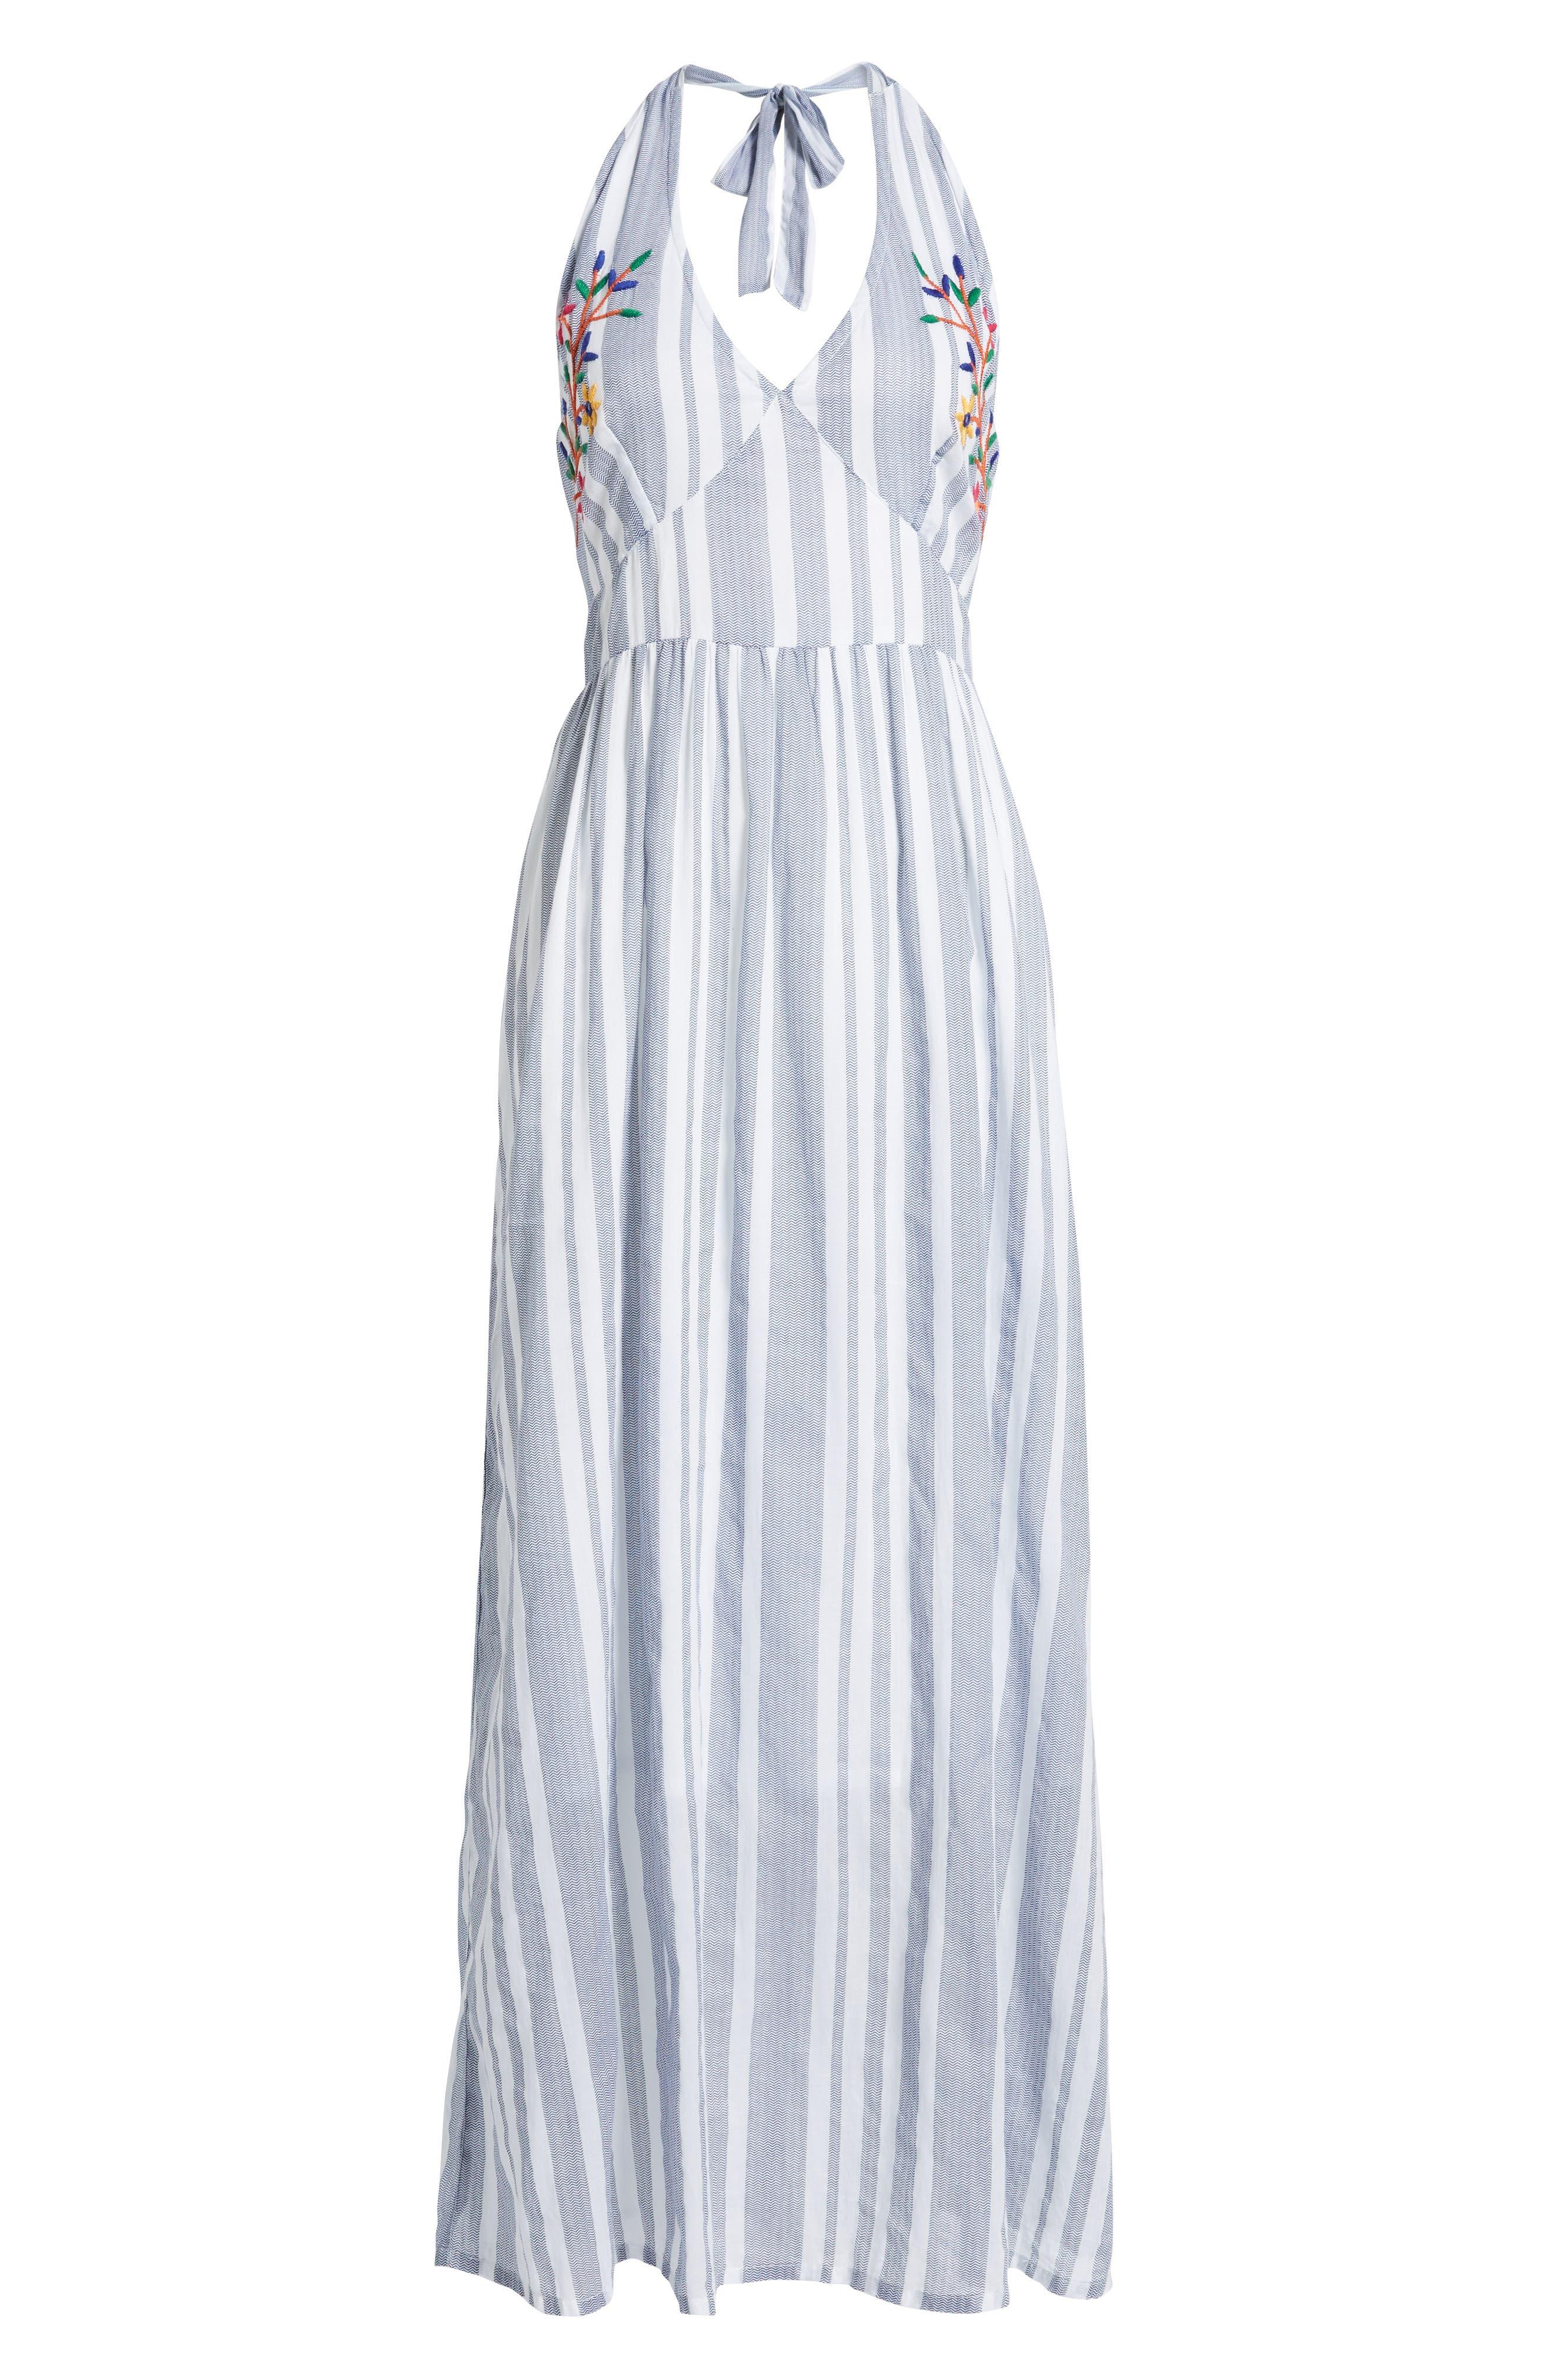 Setting Sail Stripe Maxi Dress,                             Alternate thumbnail 6, color,                             Blue/ White